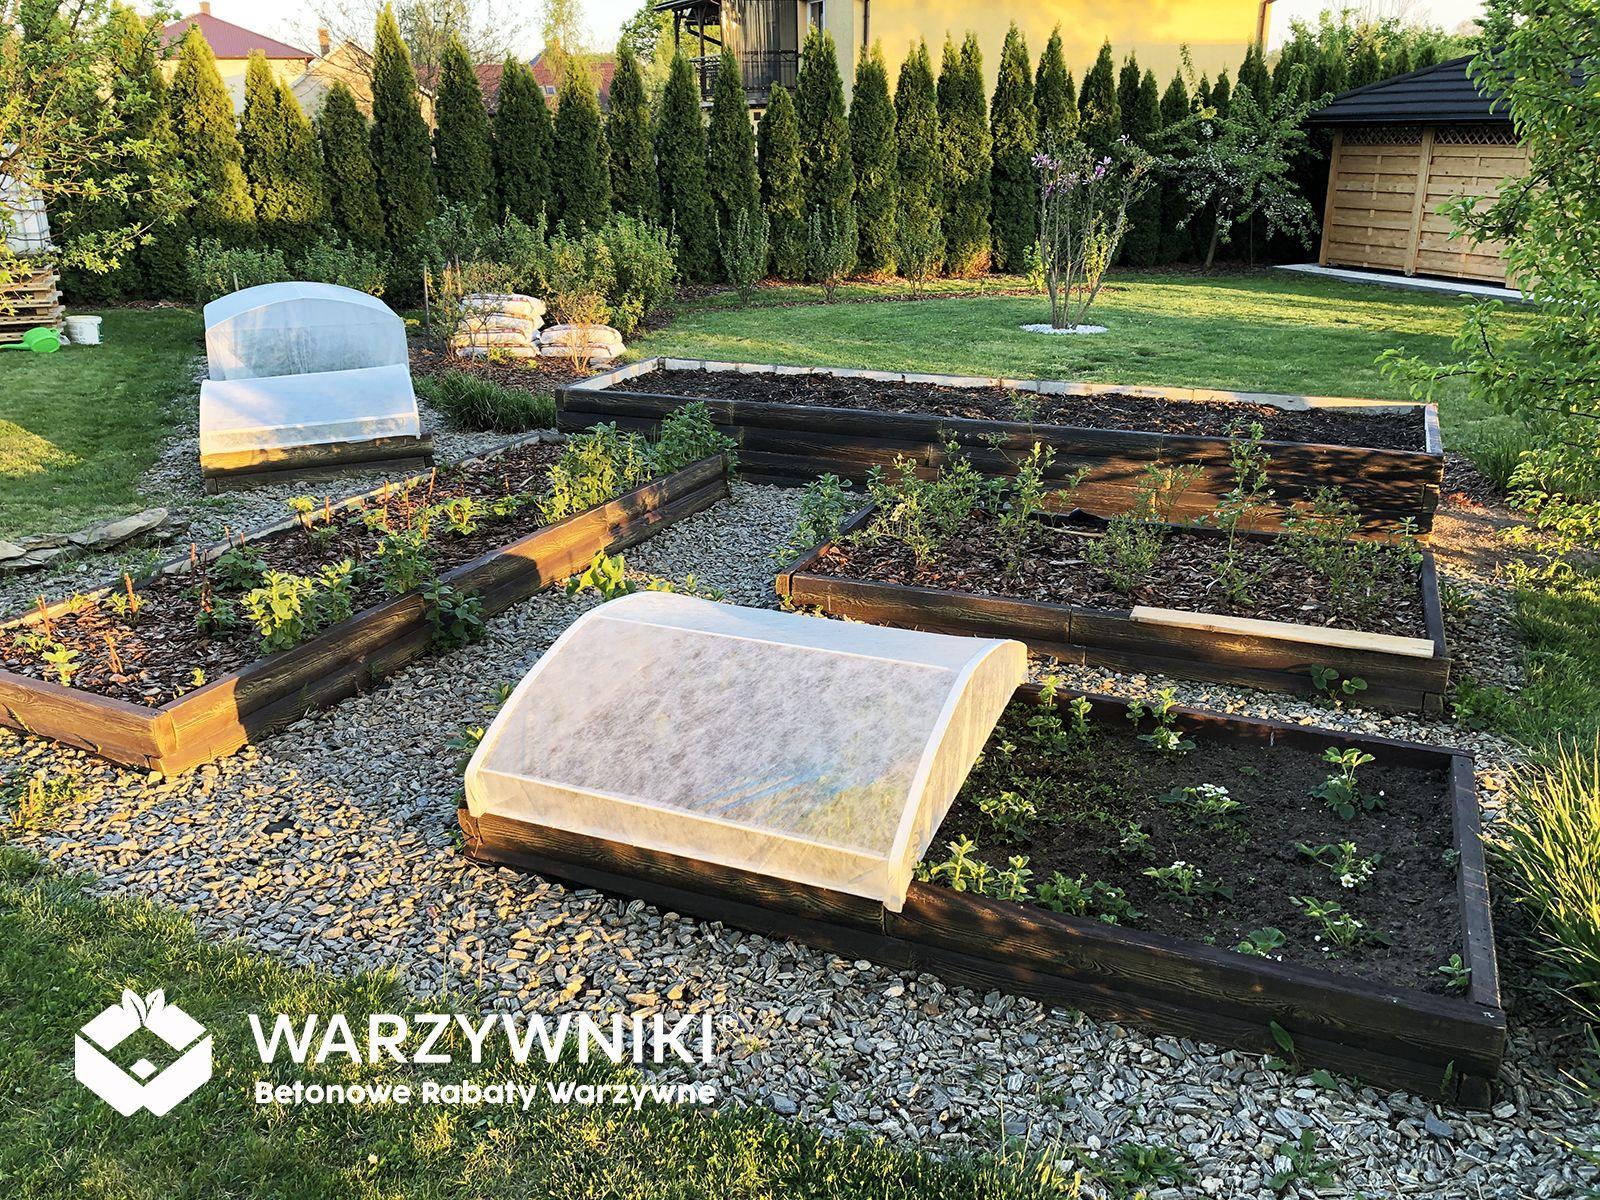 Podwyzszone Grzadki W Ogrodzie Outdoor Furniture Sets Outdoor Decor Outdoor Furniture